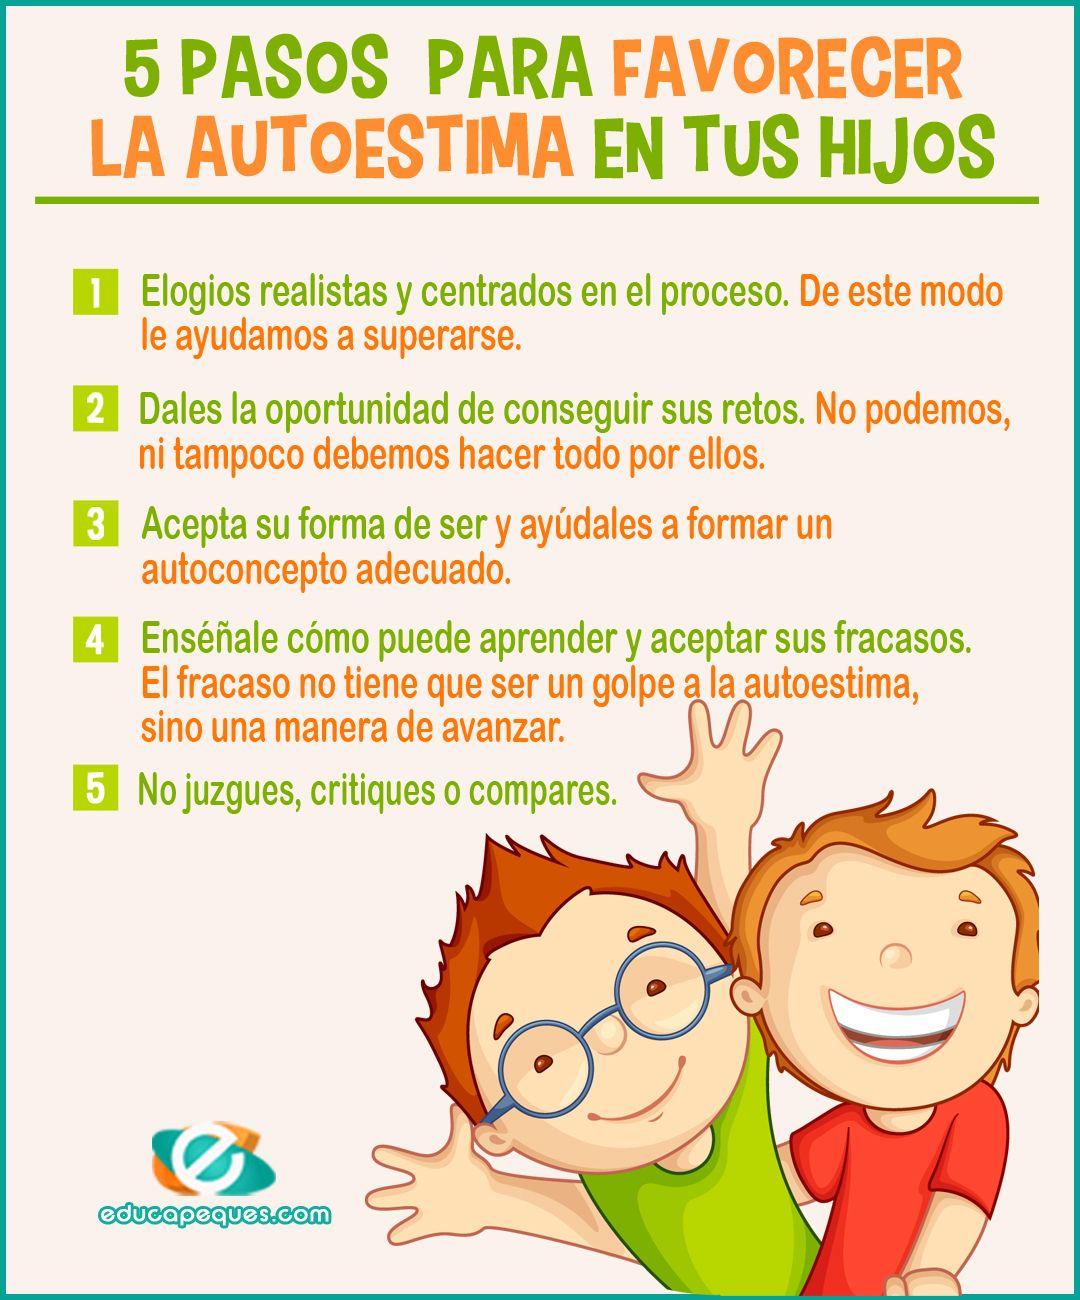 Autoestima infantil - Desarrollo de la autoestima en los niños | Autoestima  para niños, Educacion emocional infantil, Psicologia niños